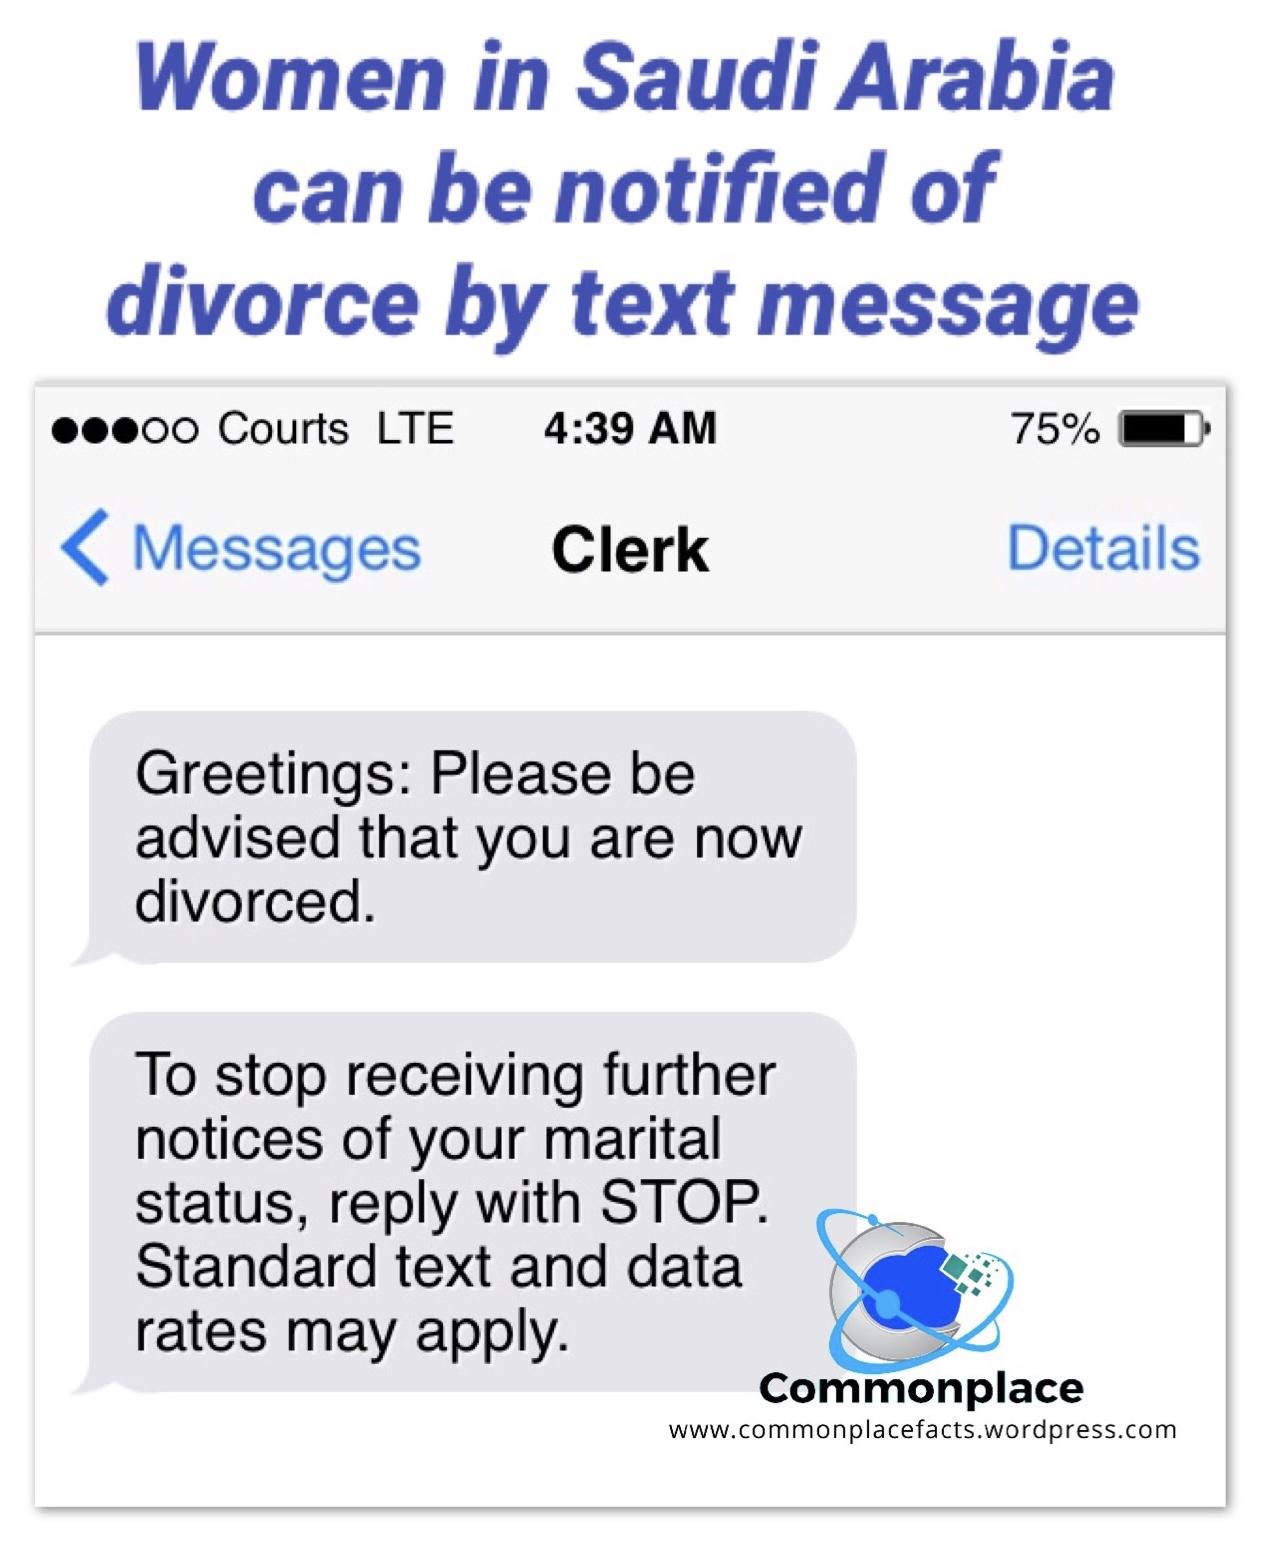 #SaudiArabia #marriage #divorce #stupidlaws